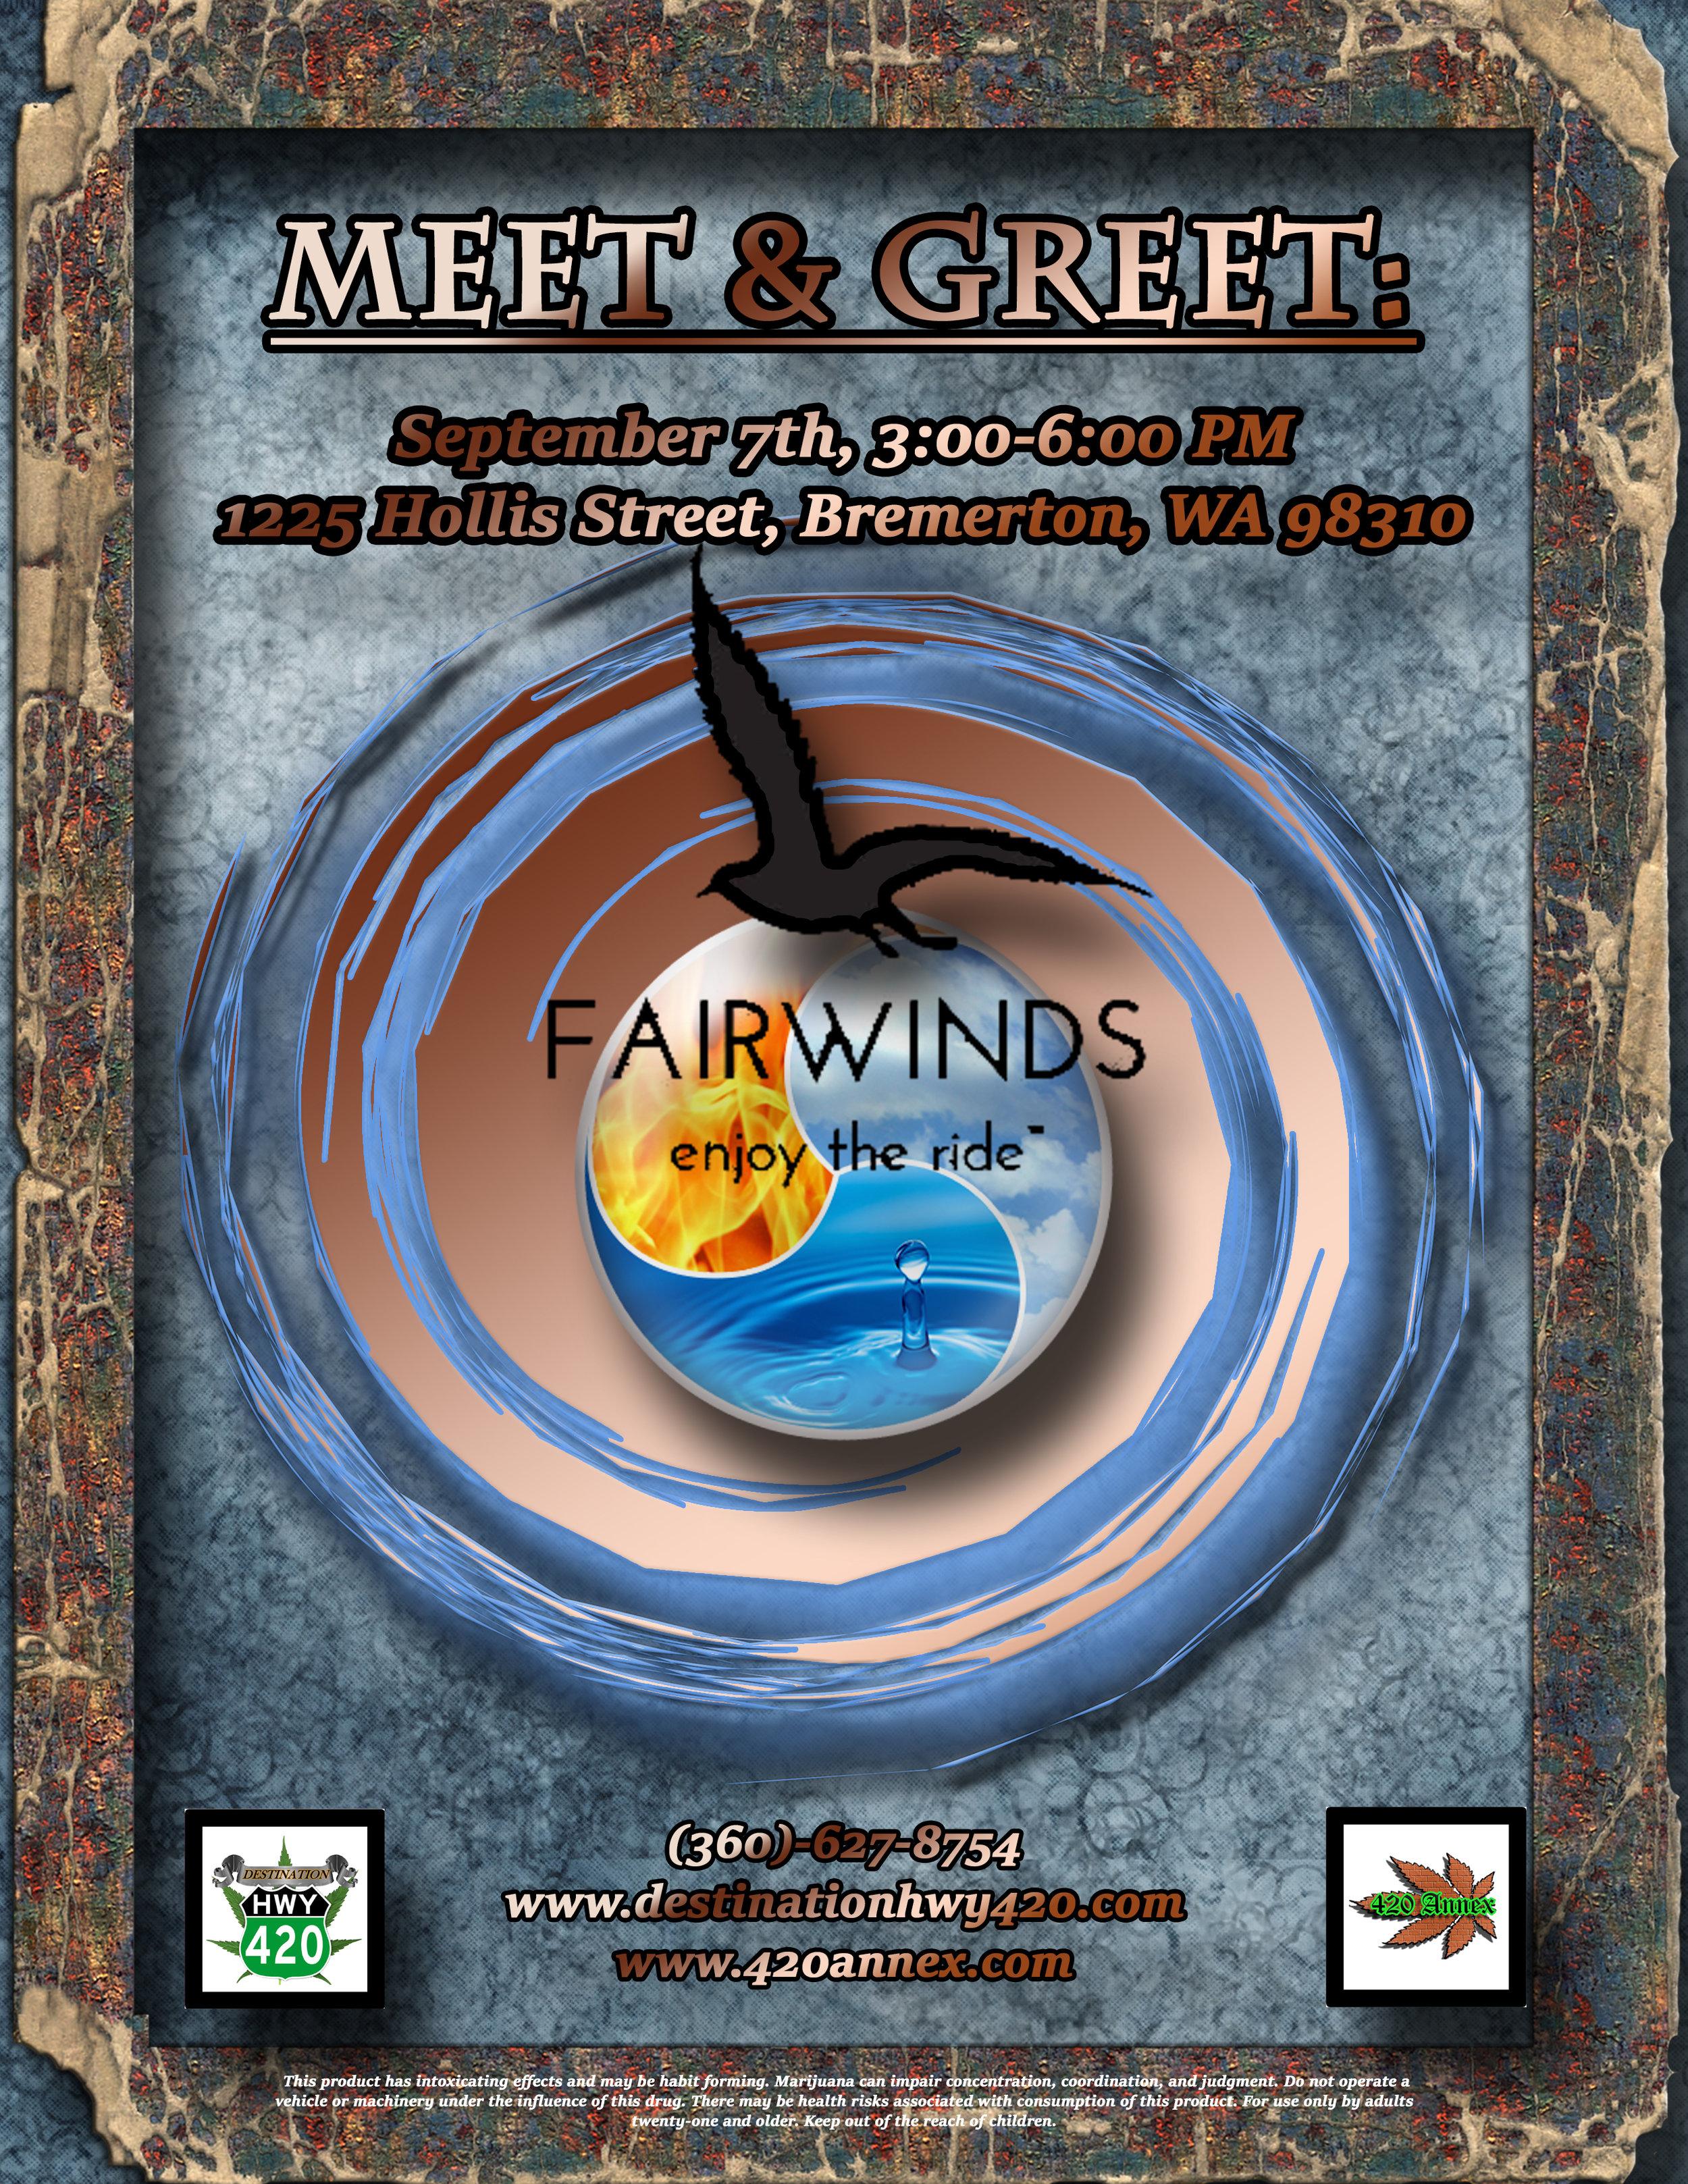 Fairwinds-meet-&-greet2.jpg